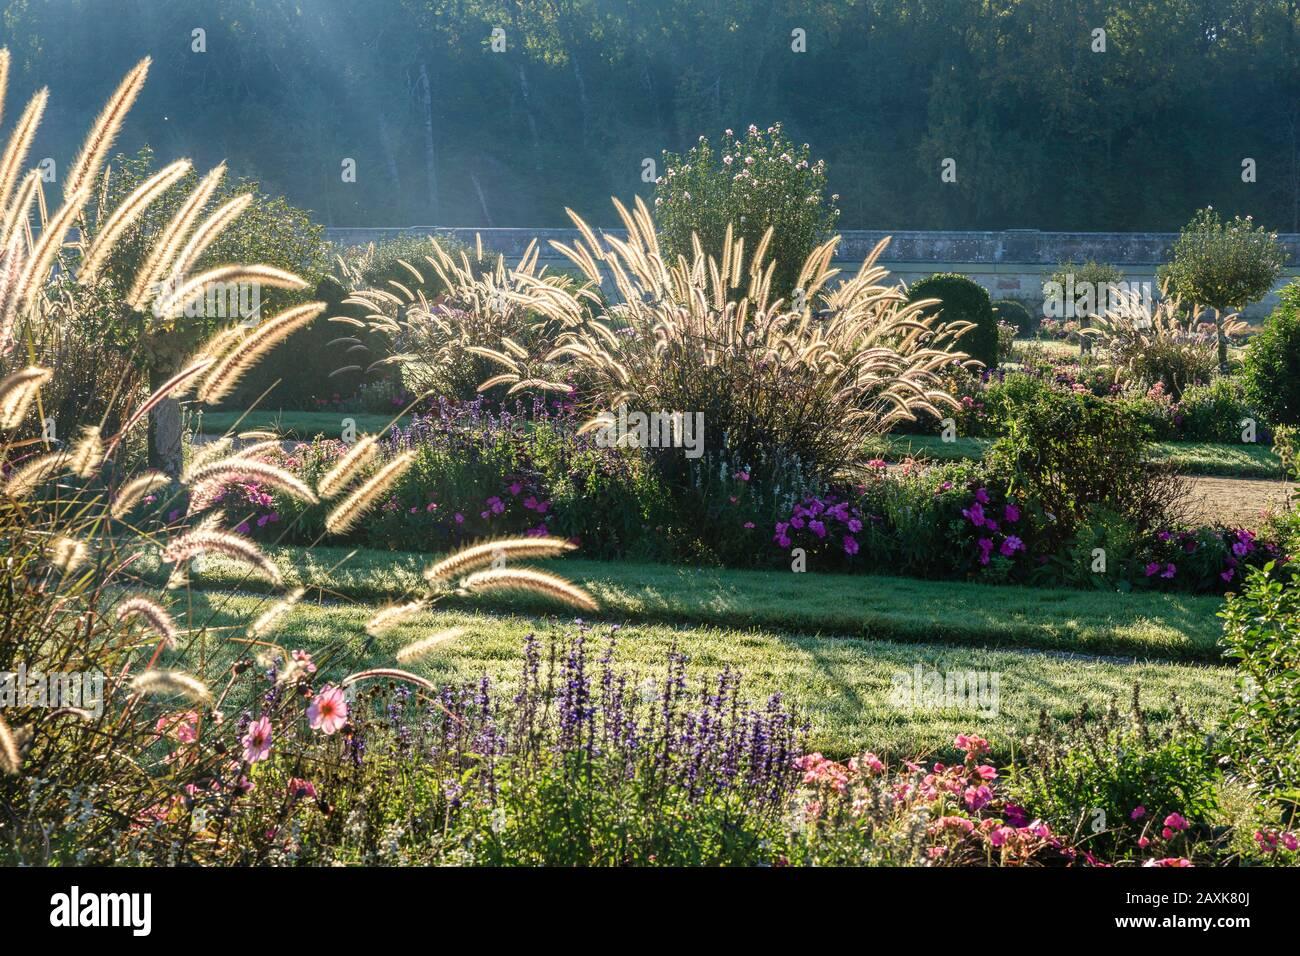 France, Indre et Loire, Loire Valley listed as World Heritage by UNESCO, Chenonceaux, Chateau de Chenonceau Park and Gardens, the Jardin de Diane de P Stock Photo